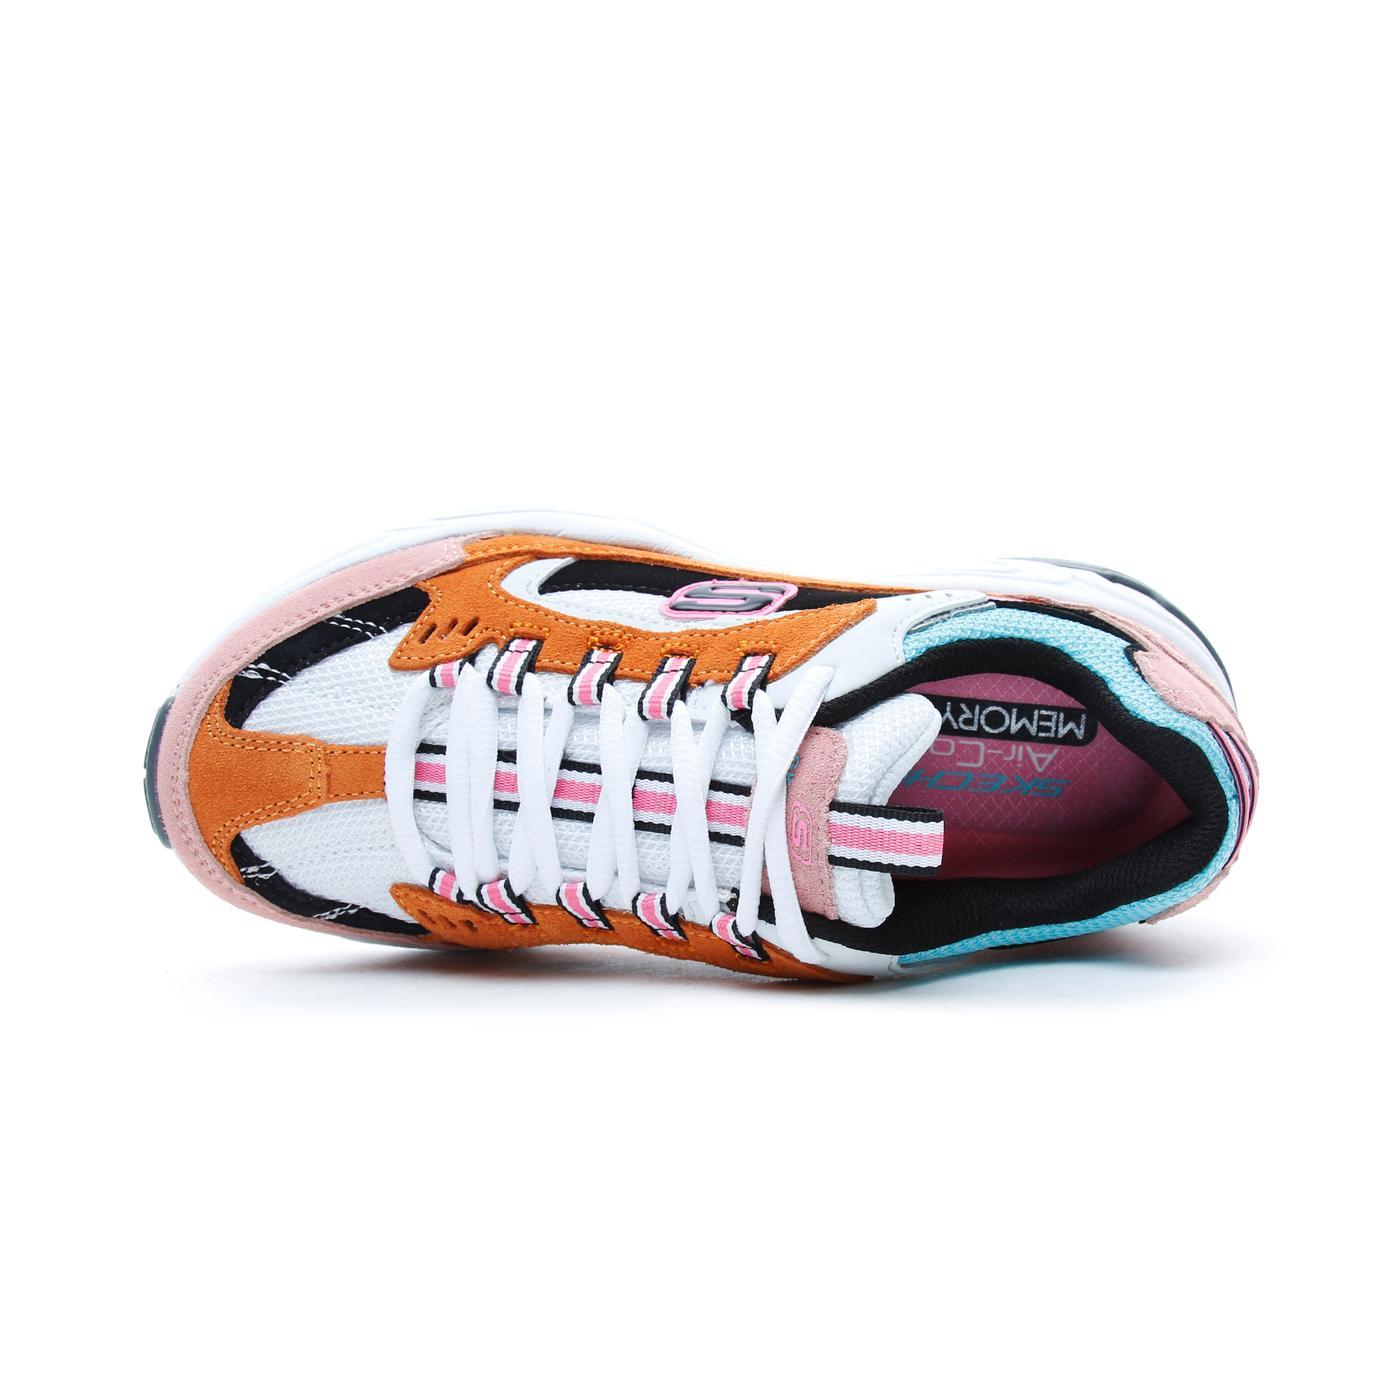 Skechers Stamina Turuncu Kadın Spor Ayakkabı